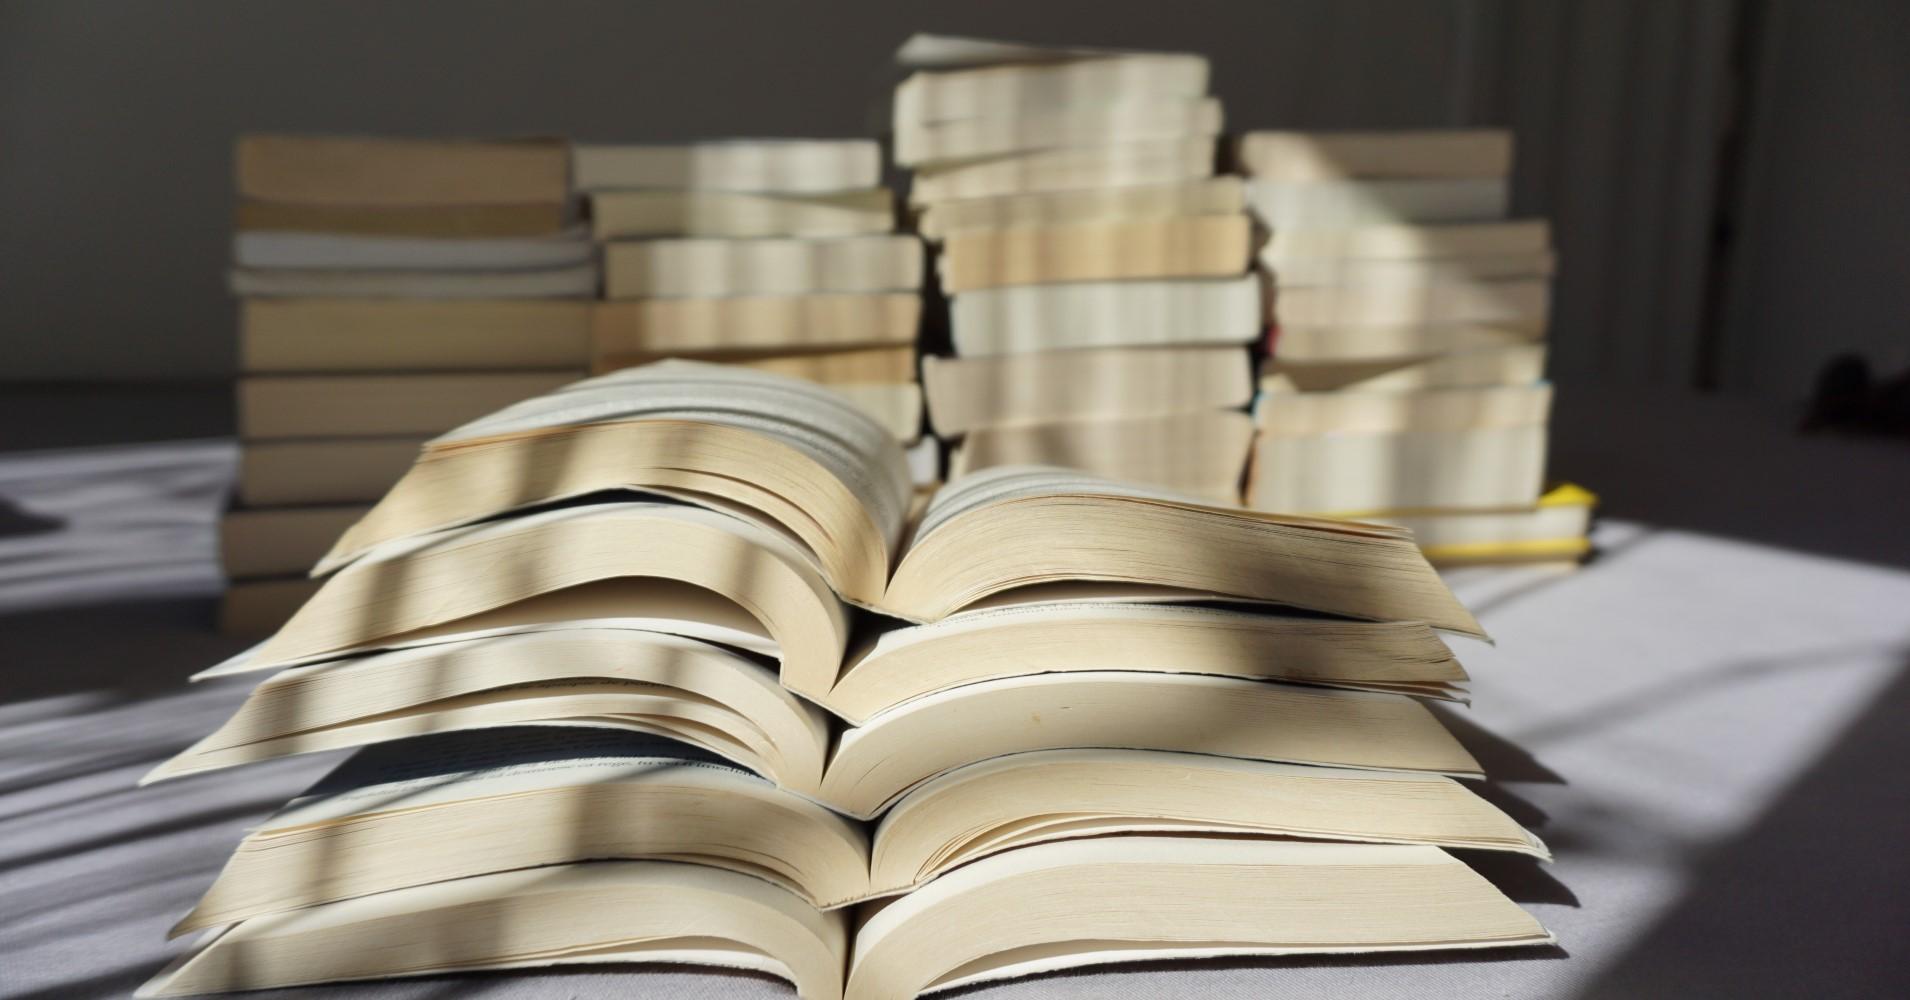 Livros amontoados